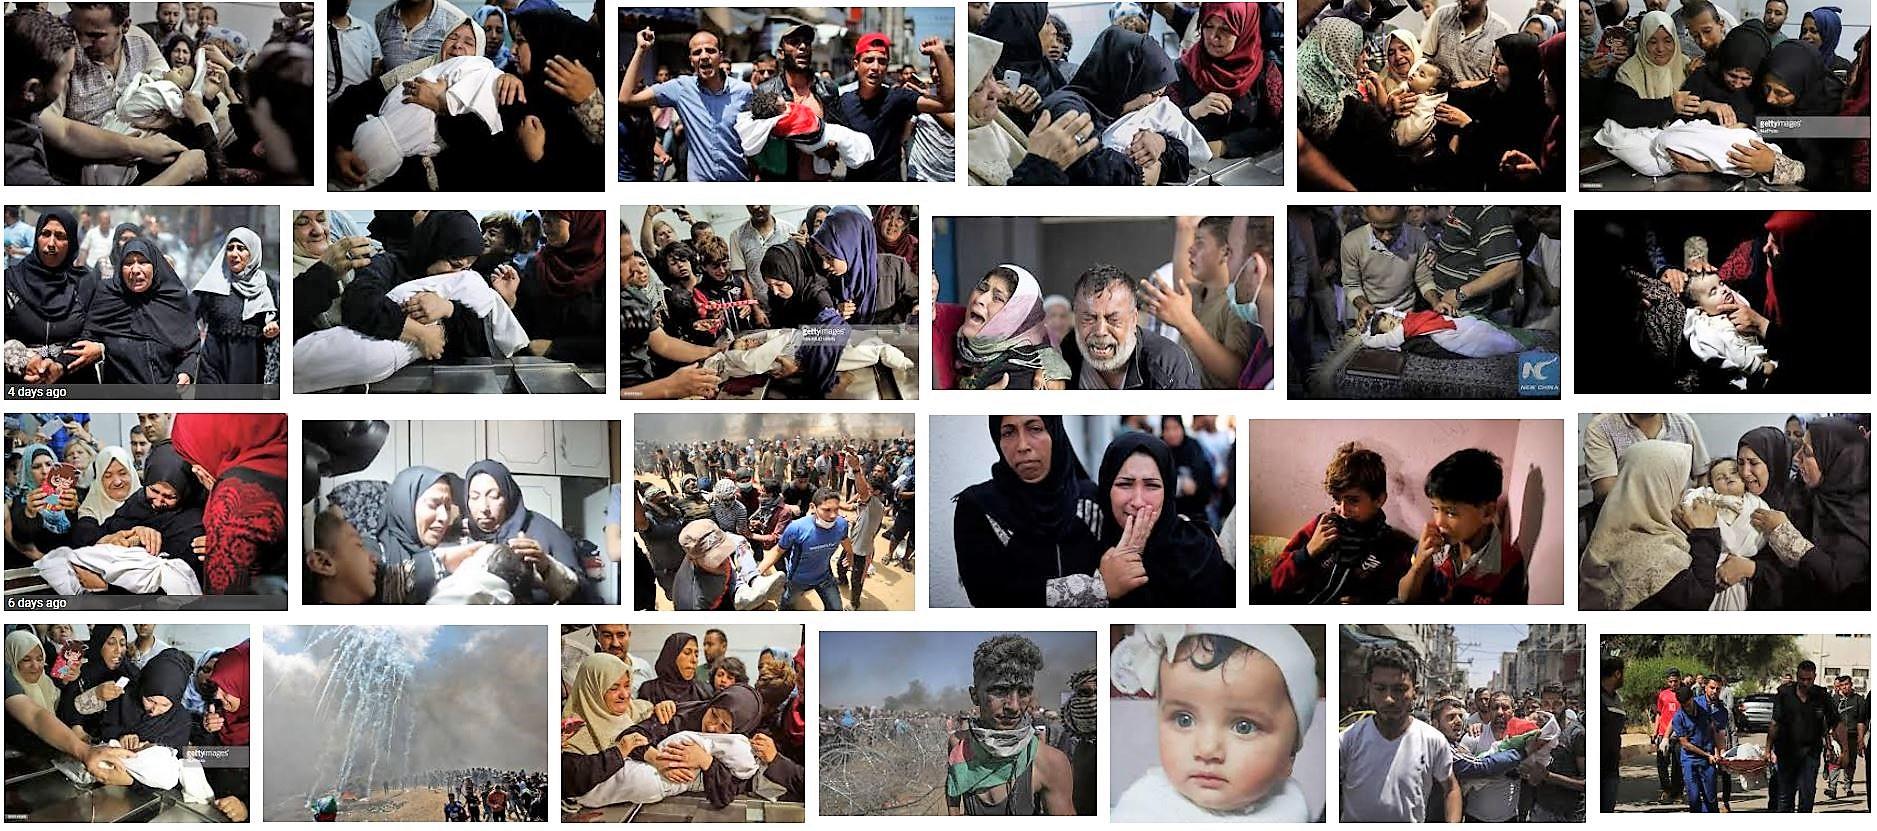 https://www.google.com/search?q=gaza+infant+inhale+tear+gas&tbm=isch&tbo=u&source=univ&sa=X&ved=0ahUKEwjXwtPV9aDbAhXFt1kKHTdvD24QsAQILQ&biw=1745&bih=818&dpr=1.25#imgrc=_